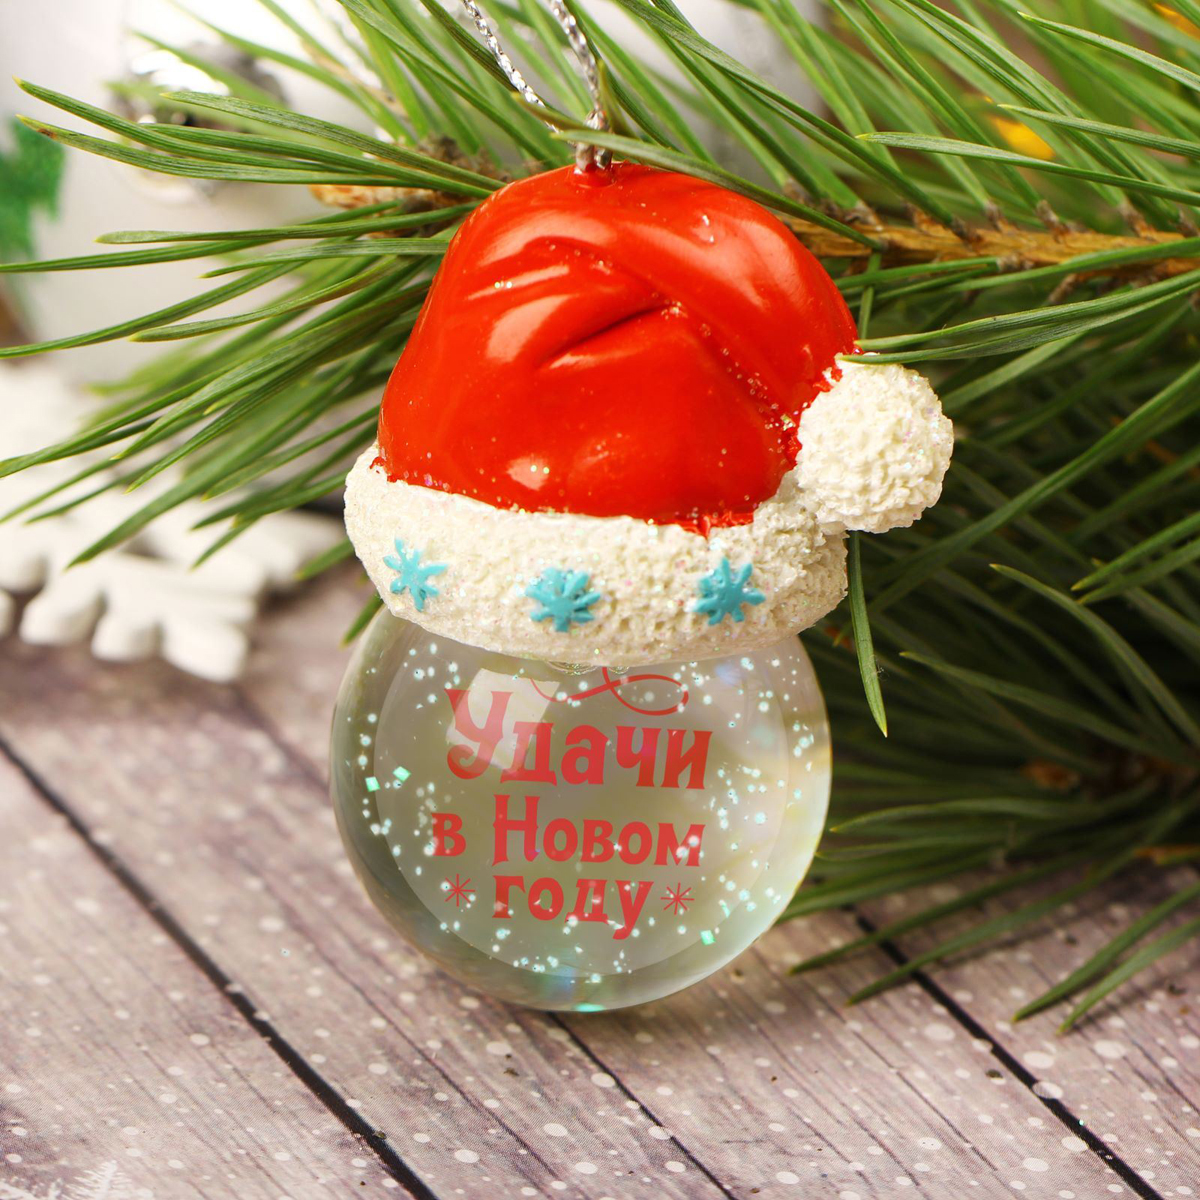 Новогоднее подвесное украшение Sima-land Удачи в Новом году, светящееся, 6,3 см1366195Новогоднее украшение Sima-land отлично подойдет для декорации вашего дома и новогодней ели. Елочная игрушка - символ Нового года. Она несет в себе волшебство и красоту праздника. Такое украшение создаст в вашем доме атмосферу праздника, веселья и радости.